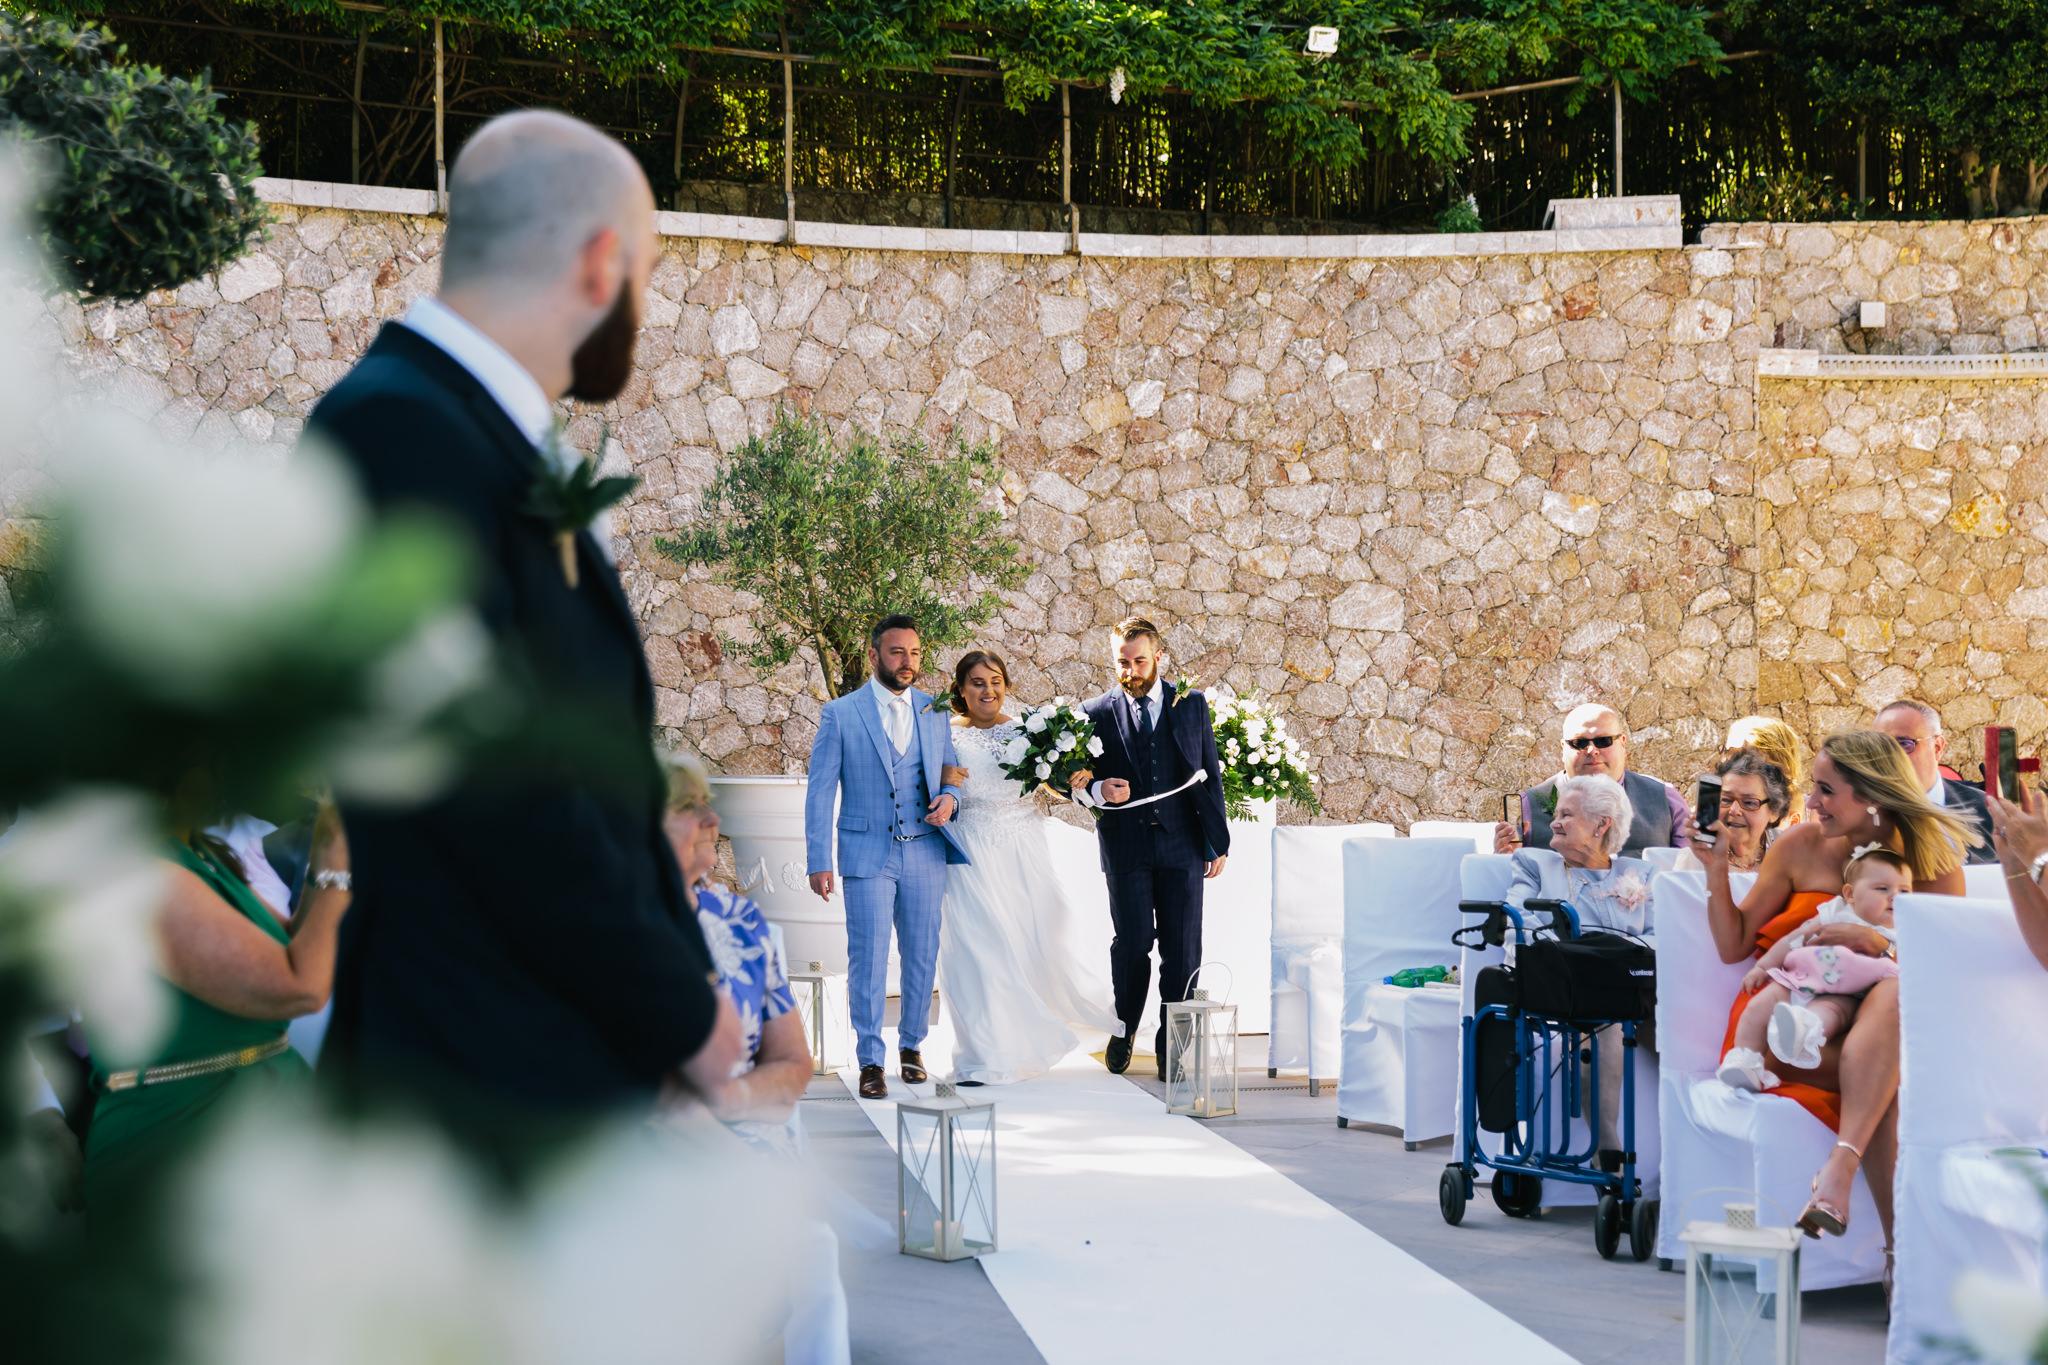 037-2019-04-27-Wedding-Michelle-e-Callum-5DE-467